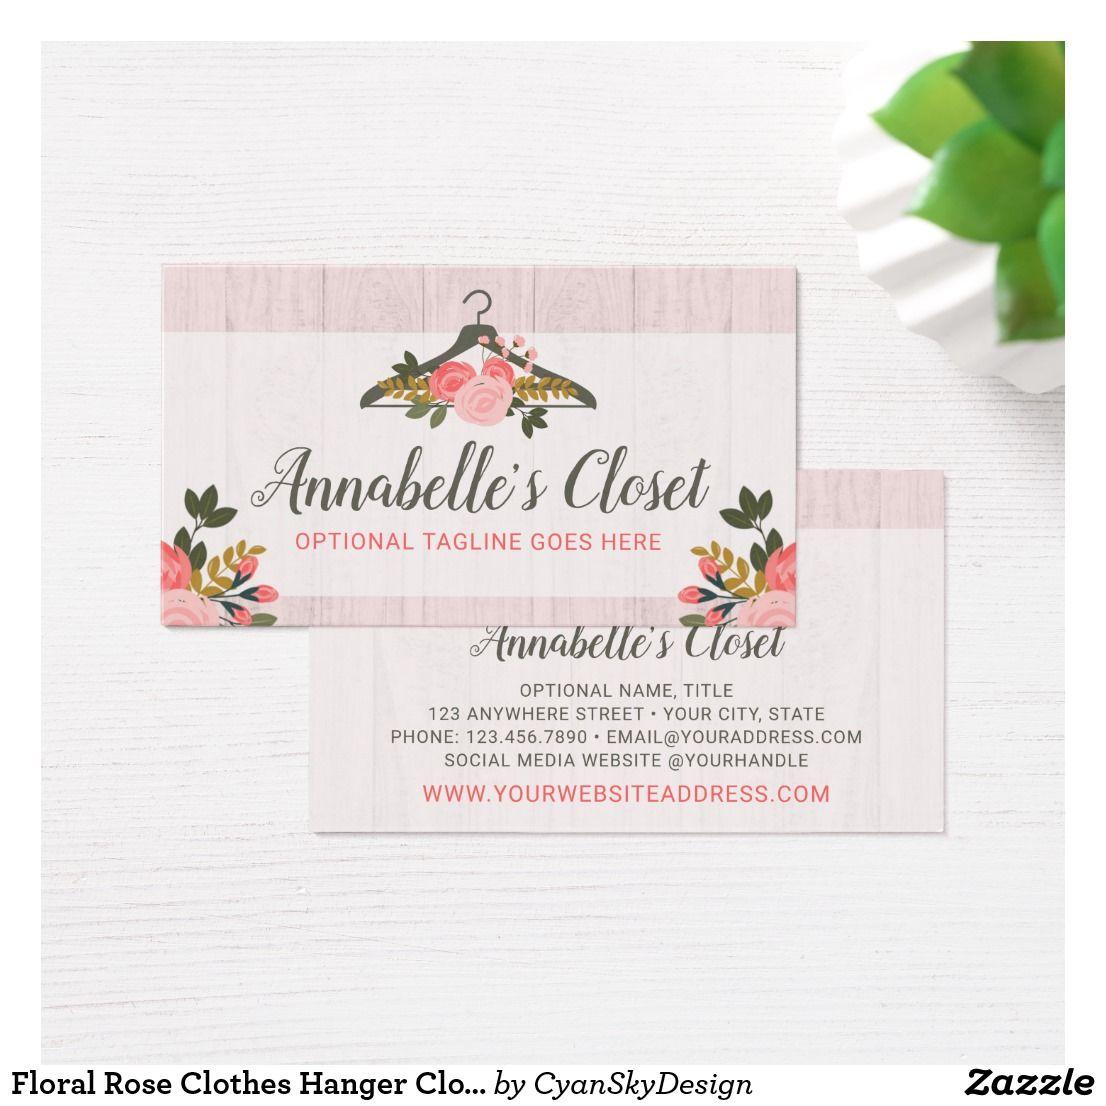 Floral Rose Clothes Hanger Closet Fashion Boutique Business Card Zazzle Com Boutique Business Cards Rose Clothing Floral